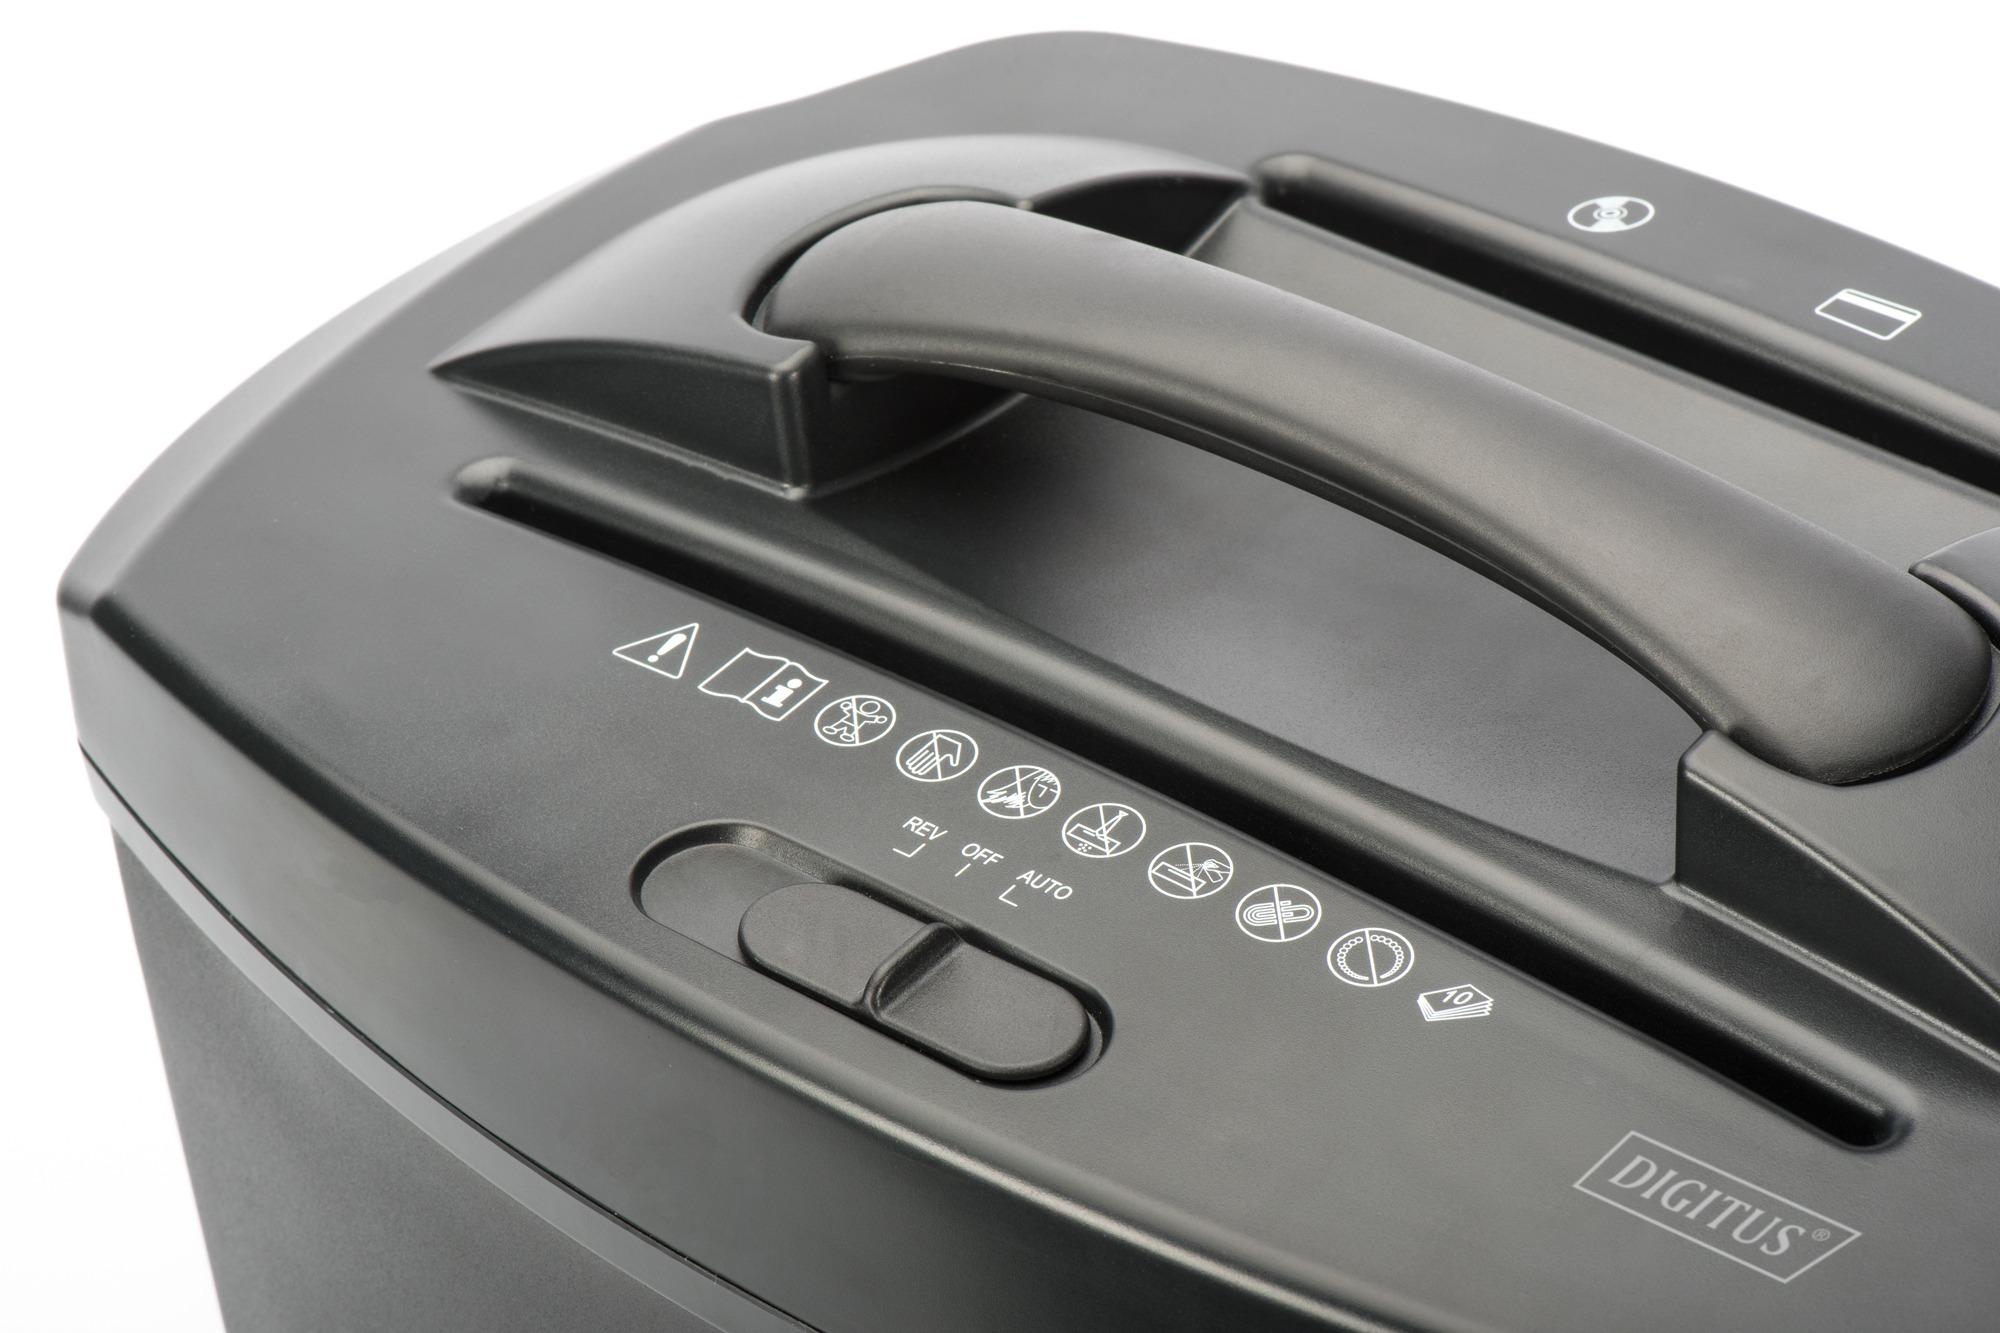 Distruggidocumenti 10 fogli taglio 5×18 mm capacita' 21 lt con slot per cd e carte di credito digitus